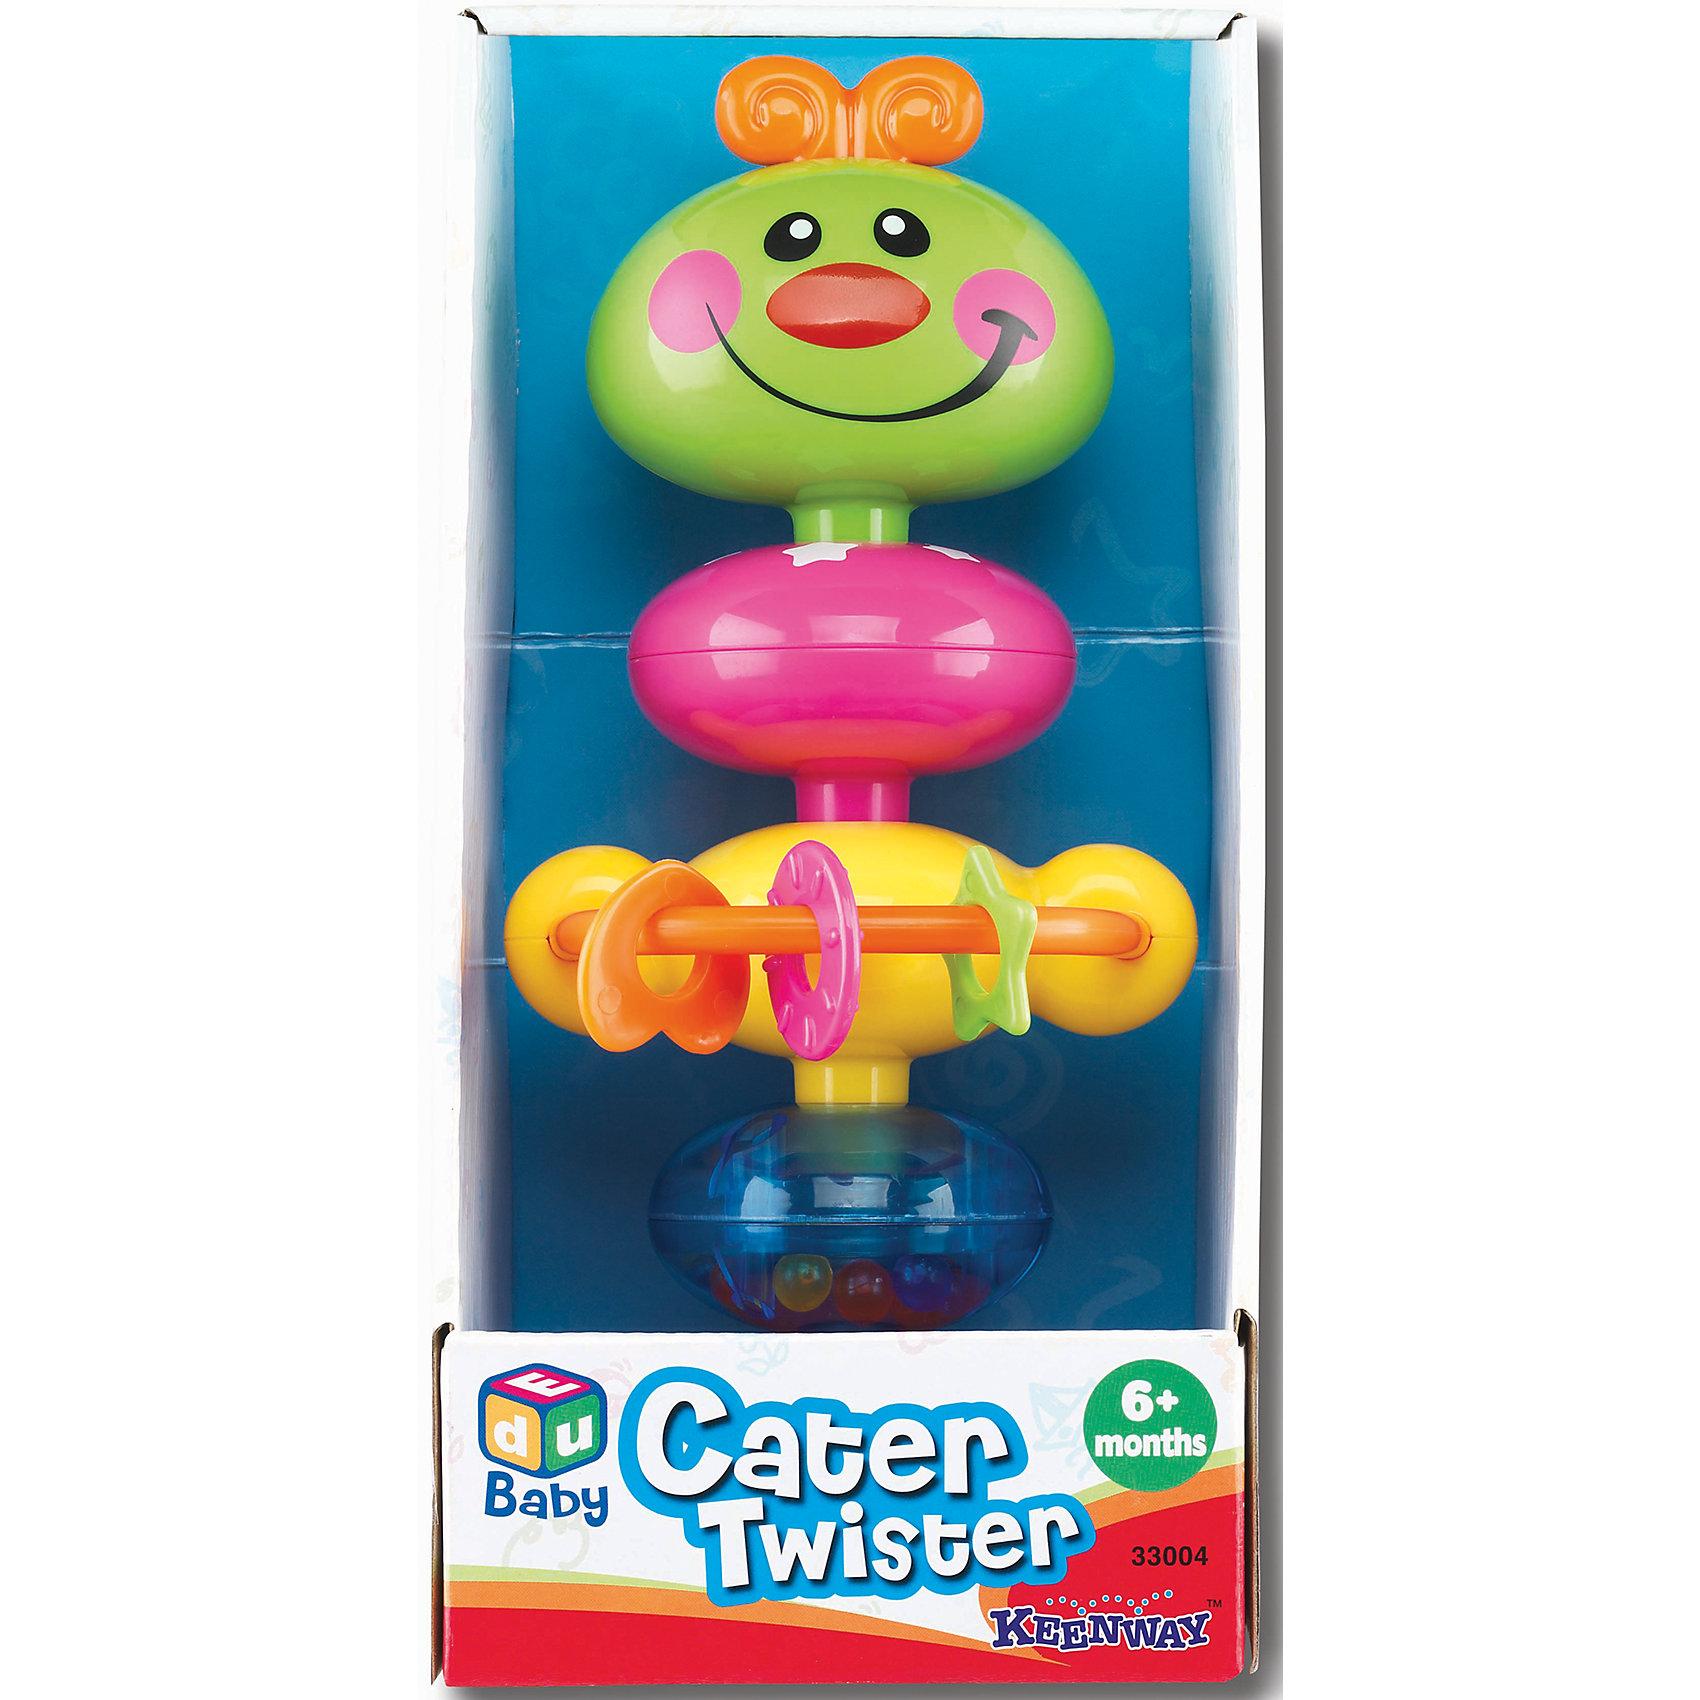 Веселая гусеница, KeenwayВеселая гусеница от  Keenway - многофункциональная игрушка для самых маленьких. Это красочный предмет, которая обязательно понравится малышу. Она выполнена в виде гусеницы-погремушки. Она имеет подвижные секции: веселая голова с бантиком и доброй улыбкой, туловище и в нижней части игрушки прозрачная сфера, в которой расположены маленькие цветные шарики, гремящие при их потряхивании. В середине конструкции имеется дуга, на которой нанизаны маленькие прорезыватели для зубов в форме сердечка, звездочки и кружочка. Ребенок может их также вращать или передвигать из стороны в сторону вдоль дуги. <br>Игрушка по габаритам идеально подходит для маленьких ручек малыша. Весит совсем немного. Такие игрушки помогают развить мелкую моторику, логическое мышление и воображение ребенка. Эта игрушка выполнена из высококачественного прочного пластика, безопасного для детей.<br>  <br>Дополнительная информация:<br><br>цвет: разноцветный;<br>материал: пластик;<br>размер упаковки: 24 x 12 x 10 см;<br>вес: 380 г.<br><br>Игрушку Веселая гусеница от компании Keenway можно купить в нашем магазине.<br><br>Ширина мм: 470<br>Глубина мм: 130<br>Высота мм: 310<br>Вес г: 1160<br>Возраст от месяцев: 36<br>Возраст до месяцев: 120<br>Пол: Женский<br>Возраст: Детский<br>SKU: 4810991